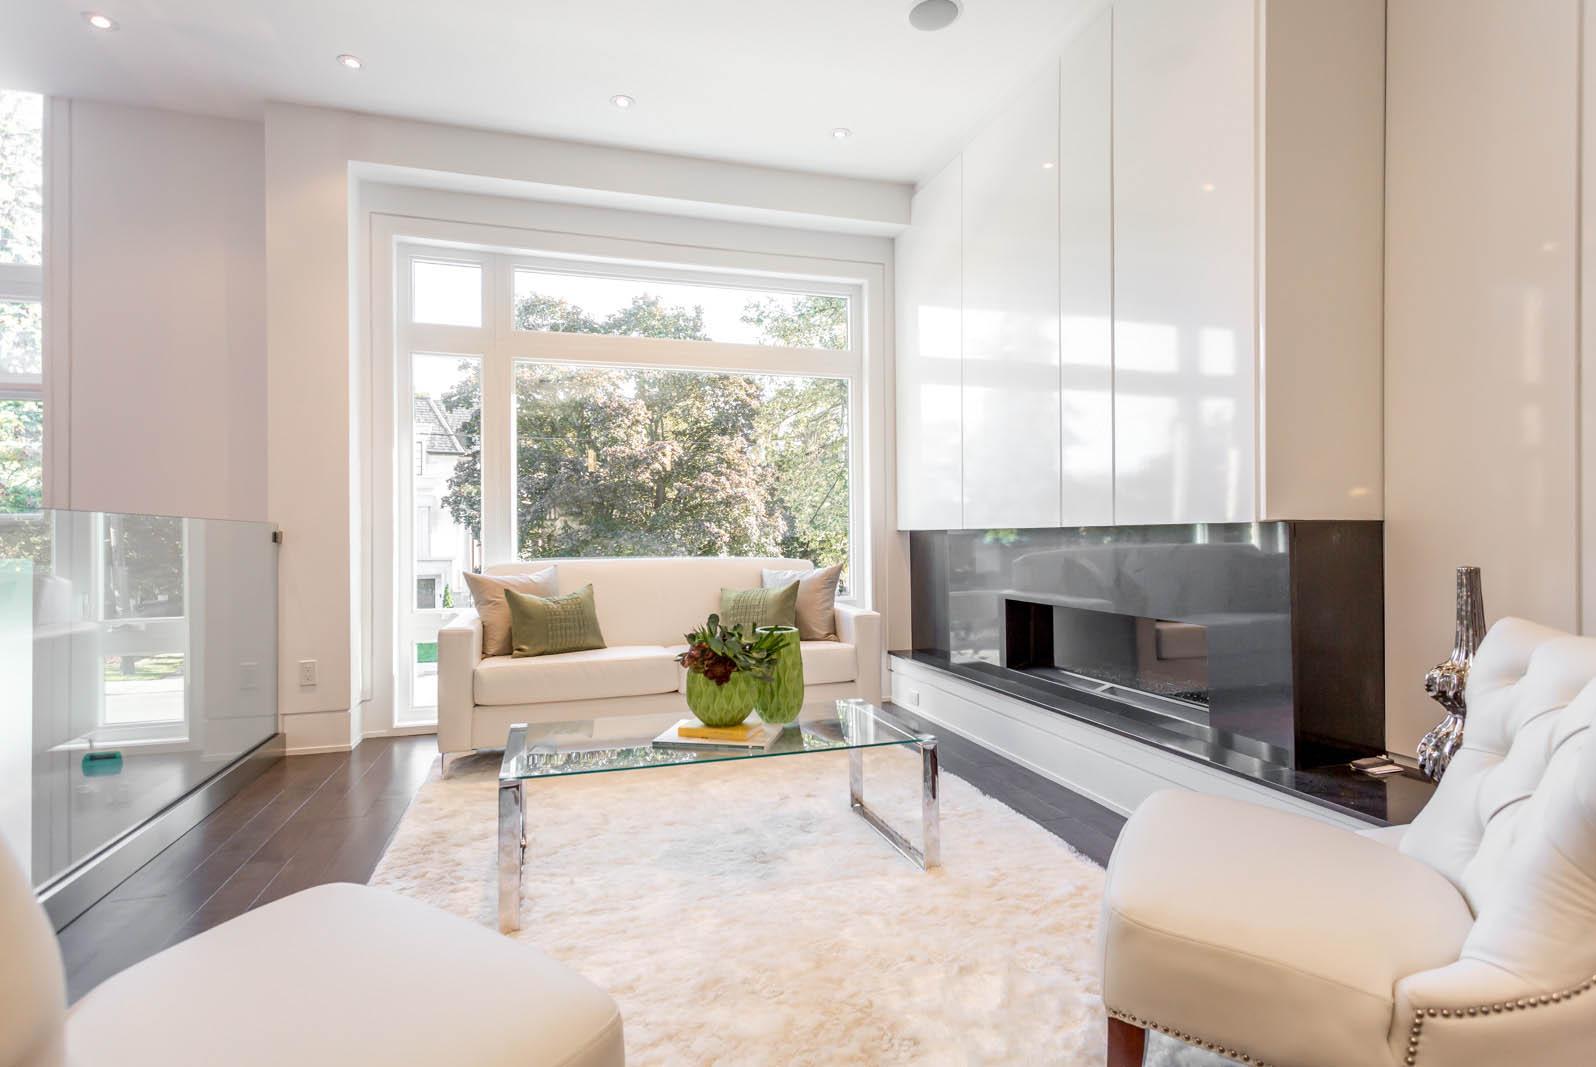 toronto-house-for-sale-118-brooke-avenue-3